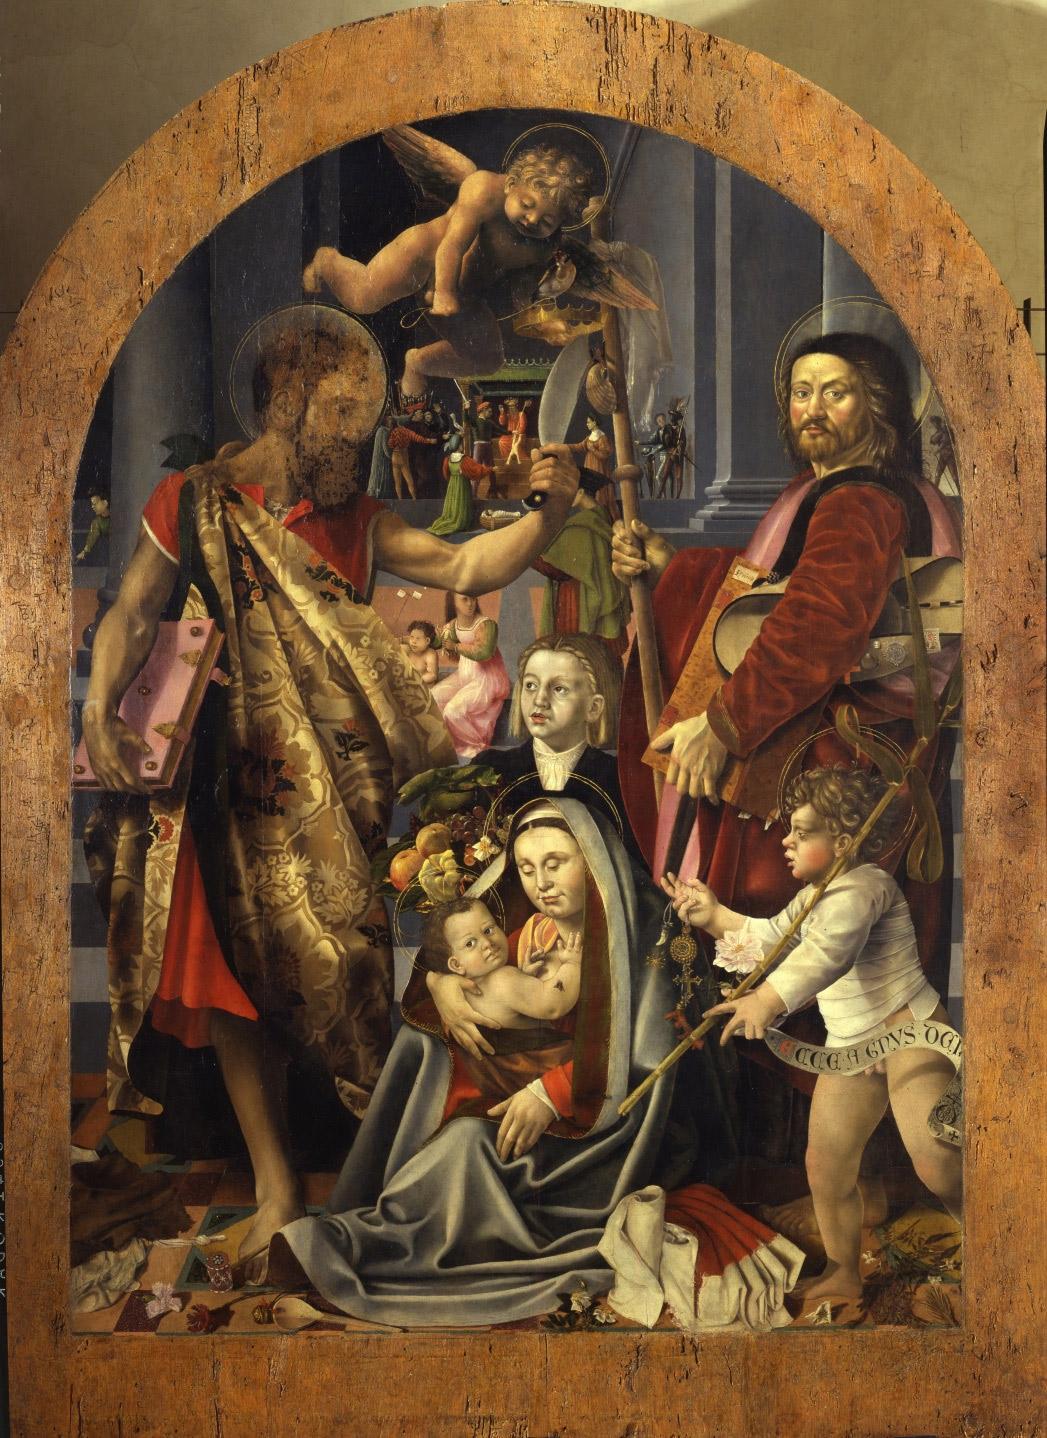 1. Bernardino Detti, Madonna dell'umiltà e Santi (Pala della Pergola) (Pistoia, Museo Civico. Su concessione del Comune di Pistoia)